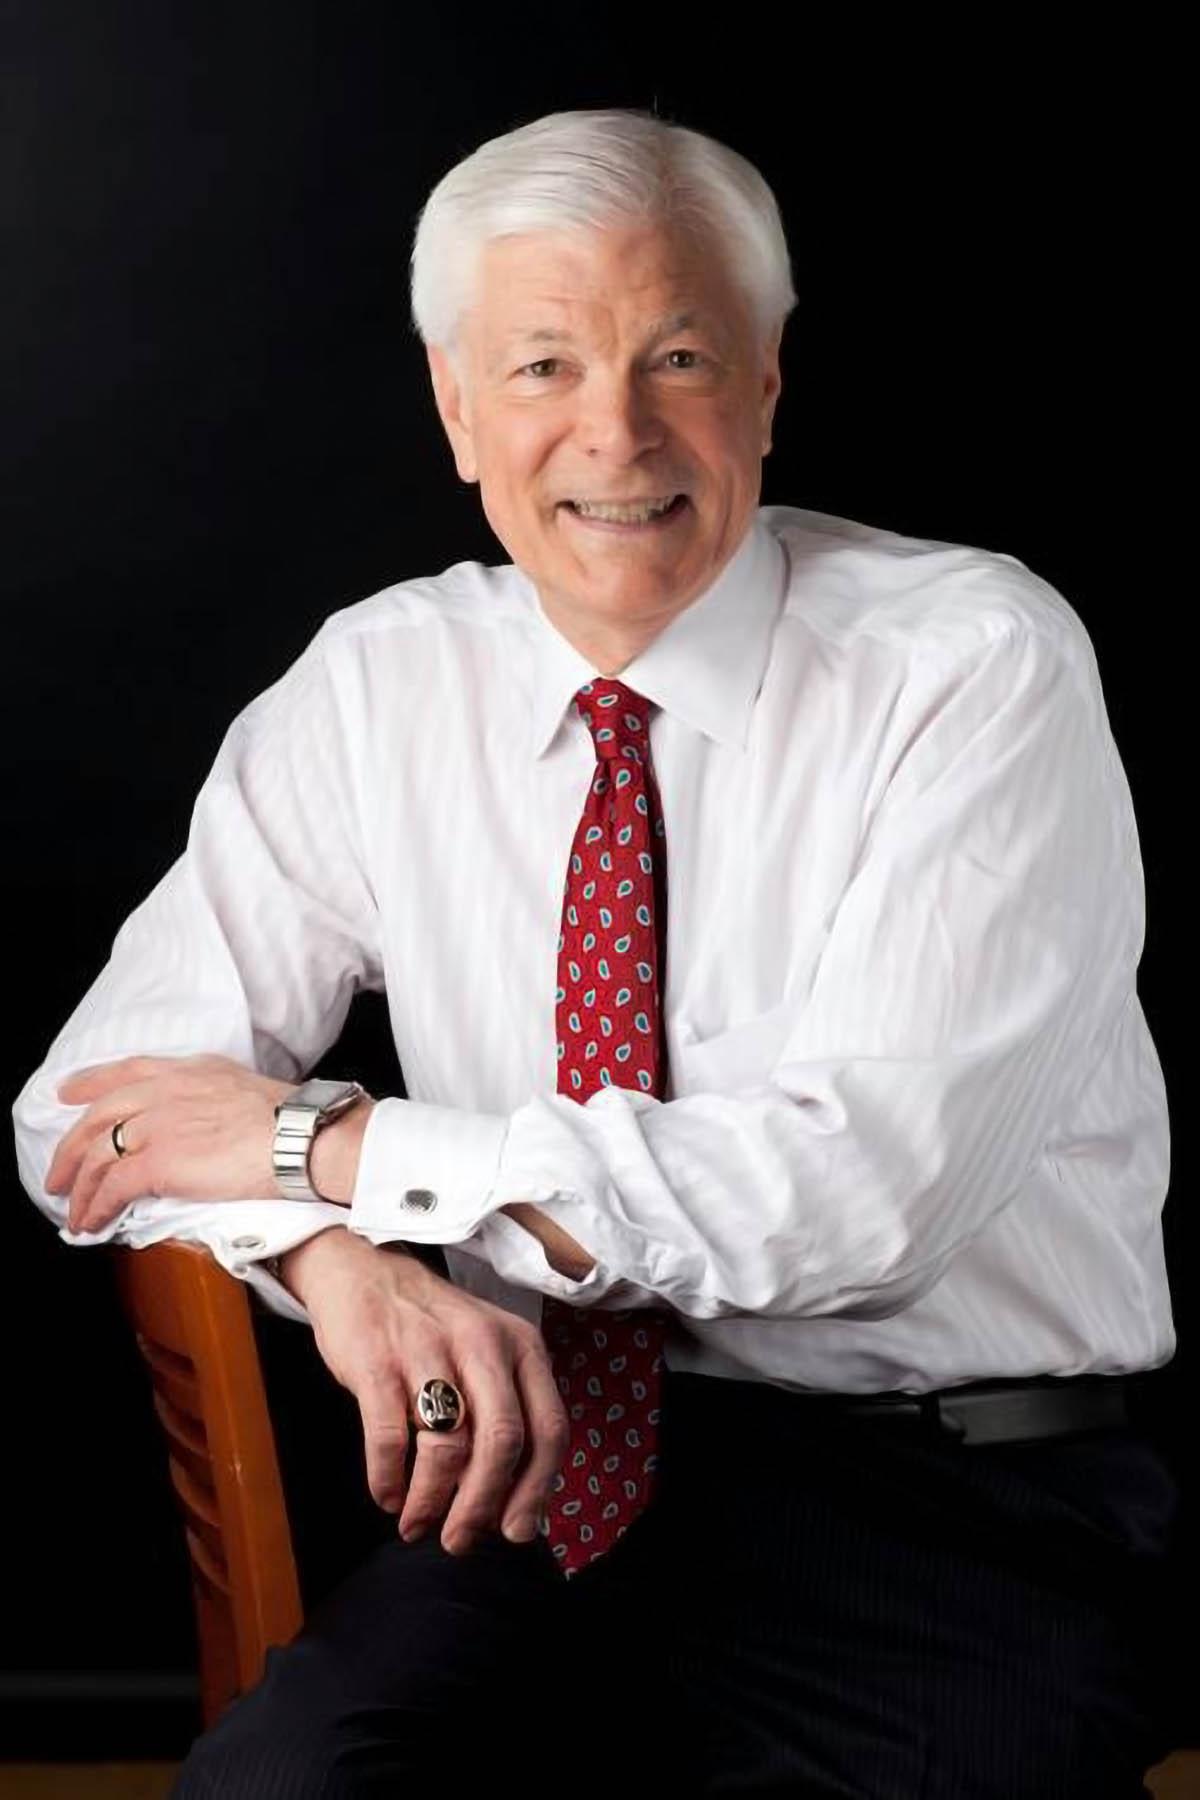 Don Alhart